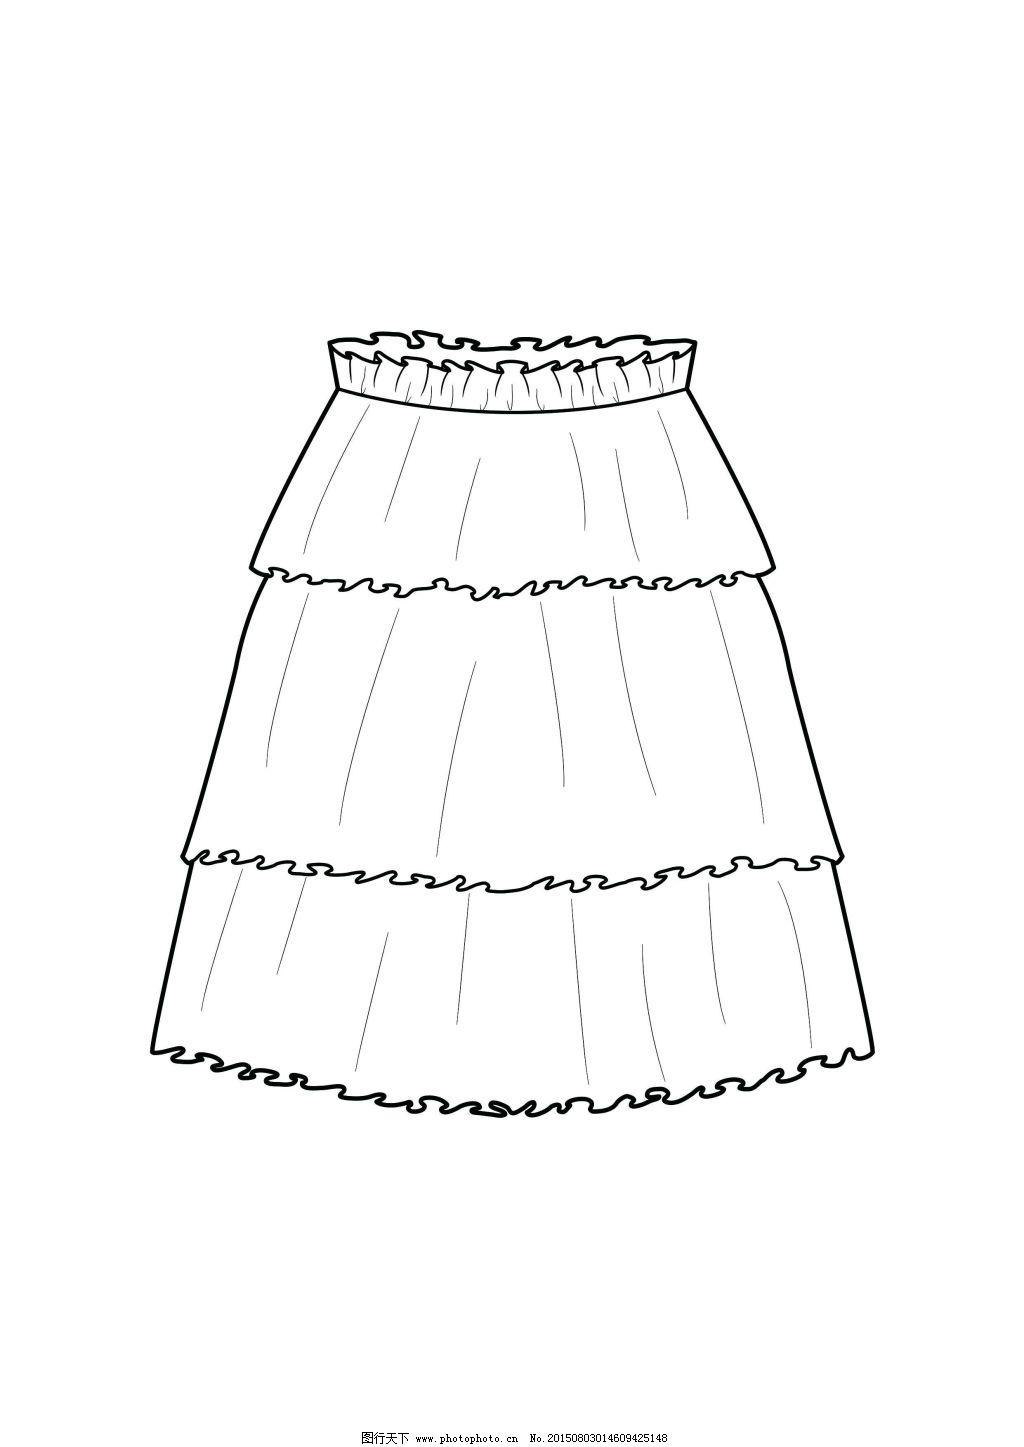 塔裙 塔裙免费下载 服装款式 服装设计 裙子设计 原创设计 其他原创